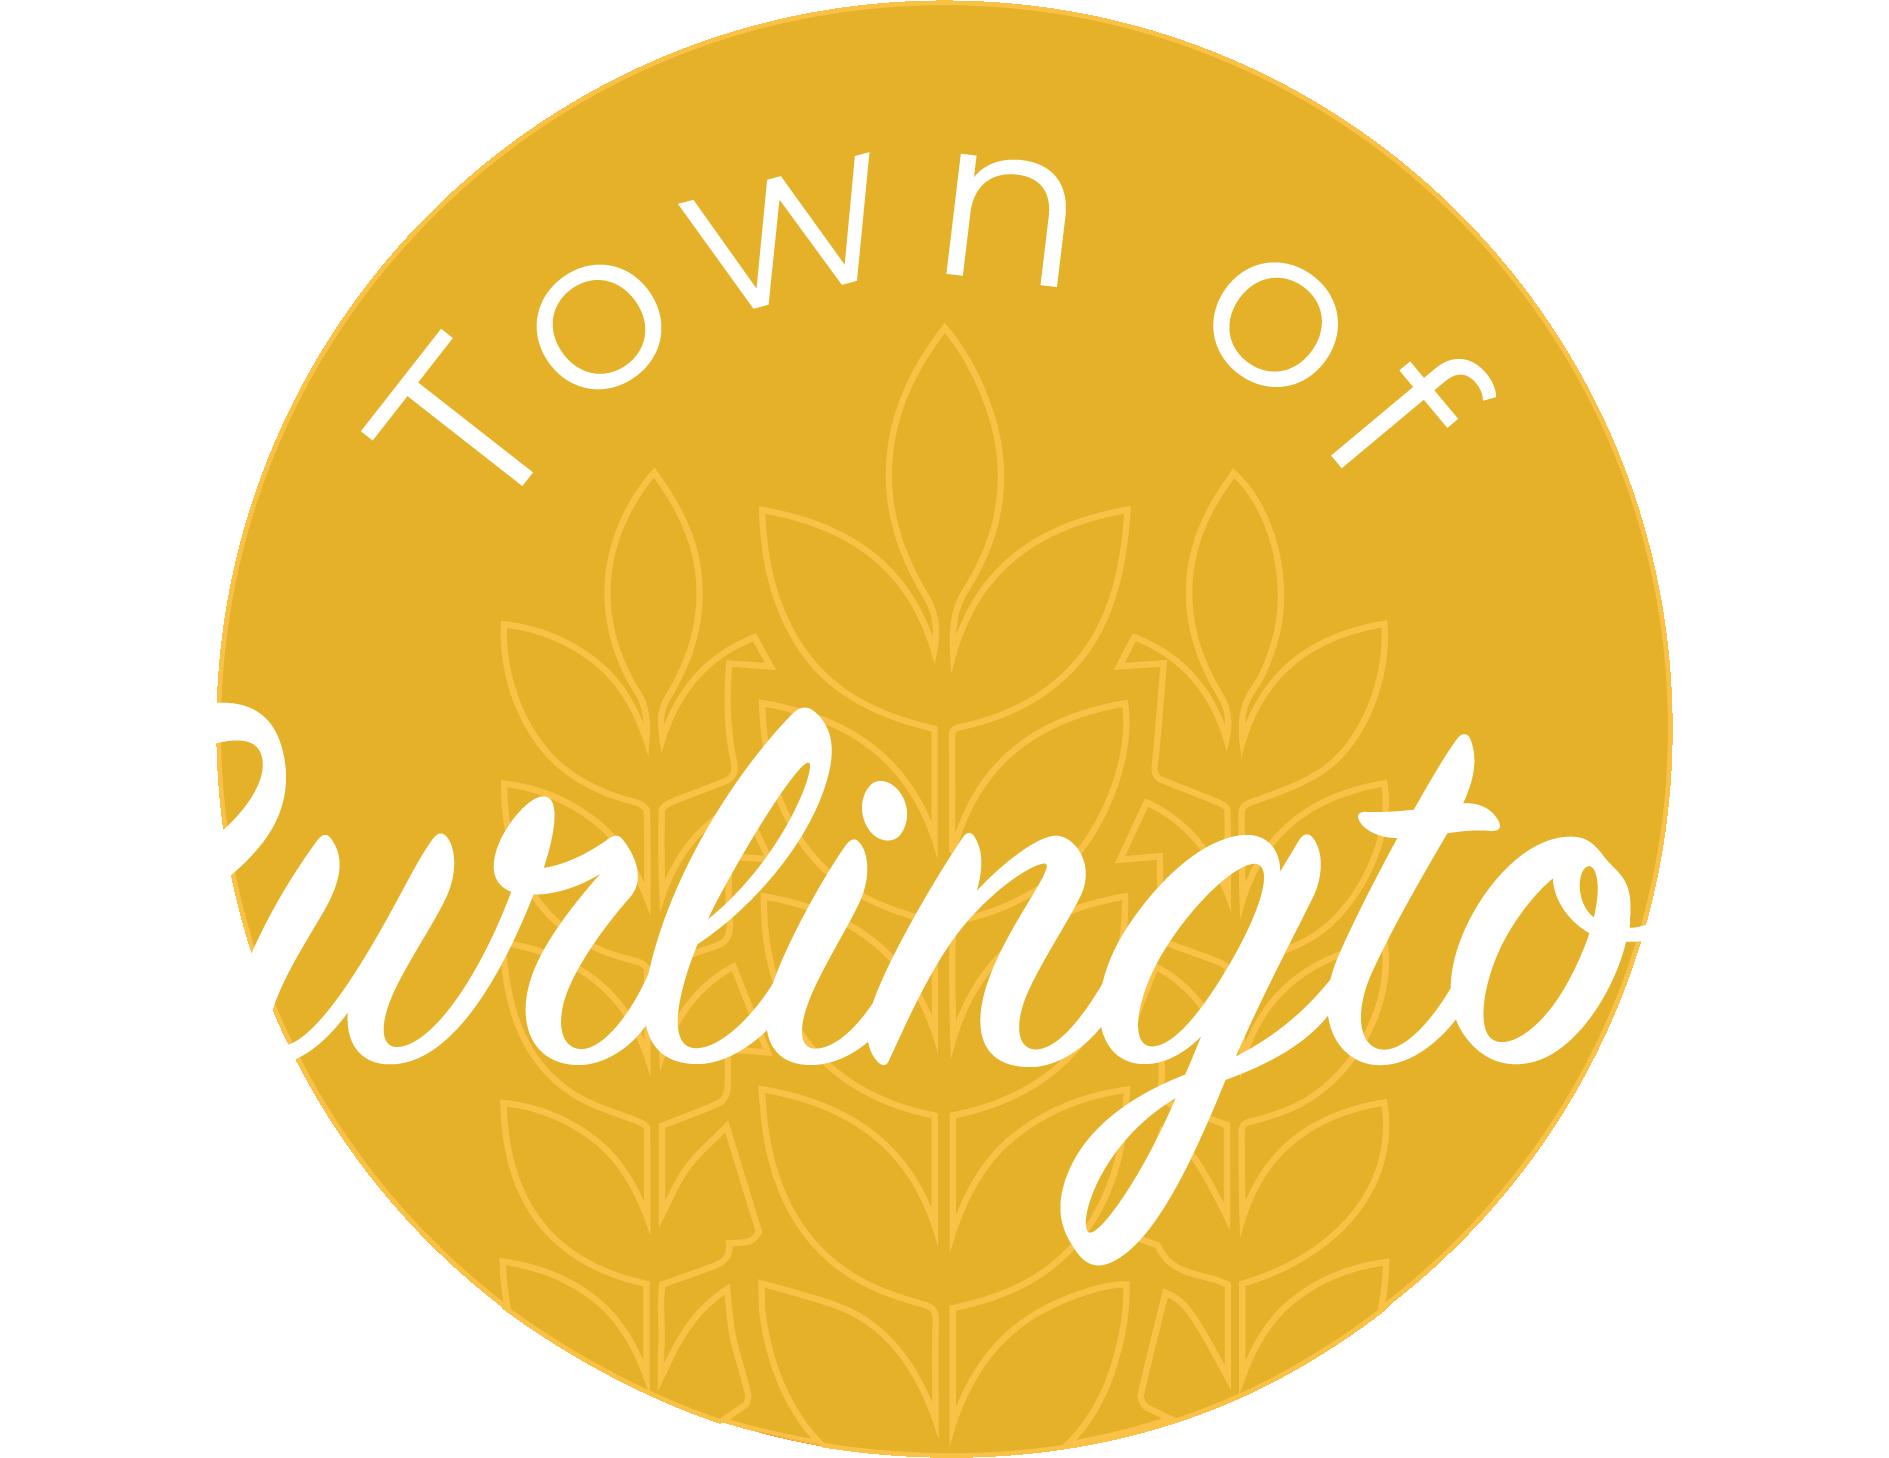 Town of Burlington, WI